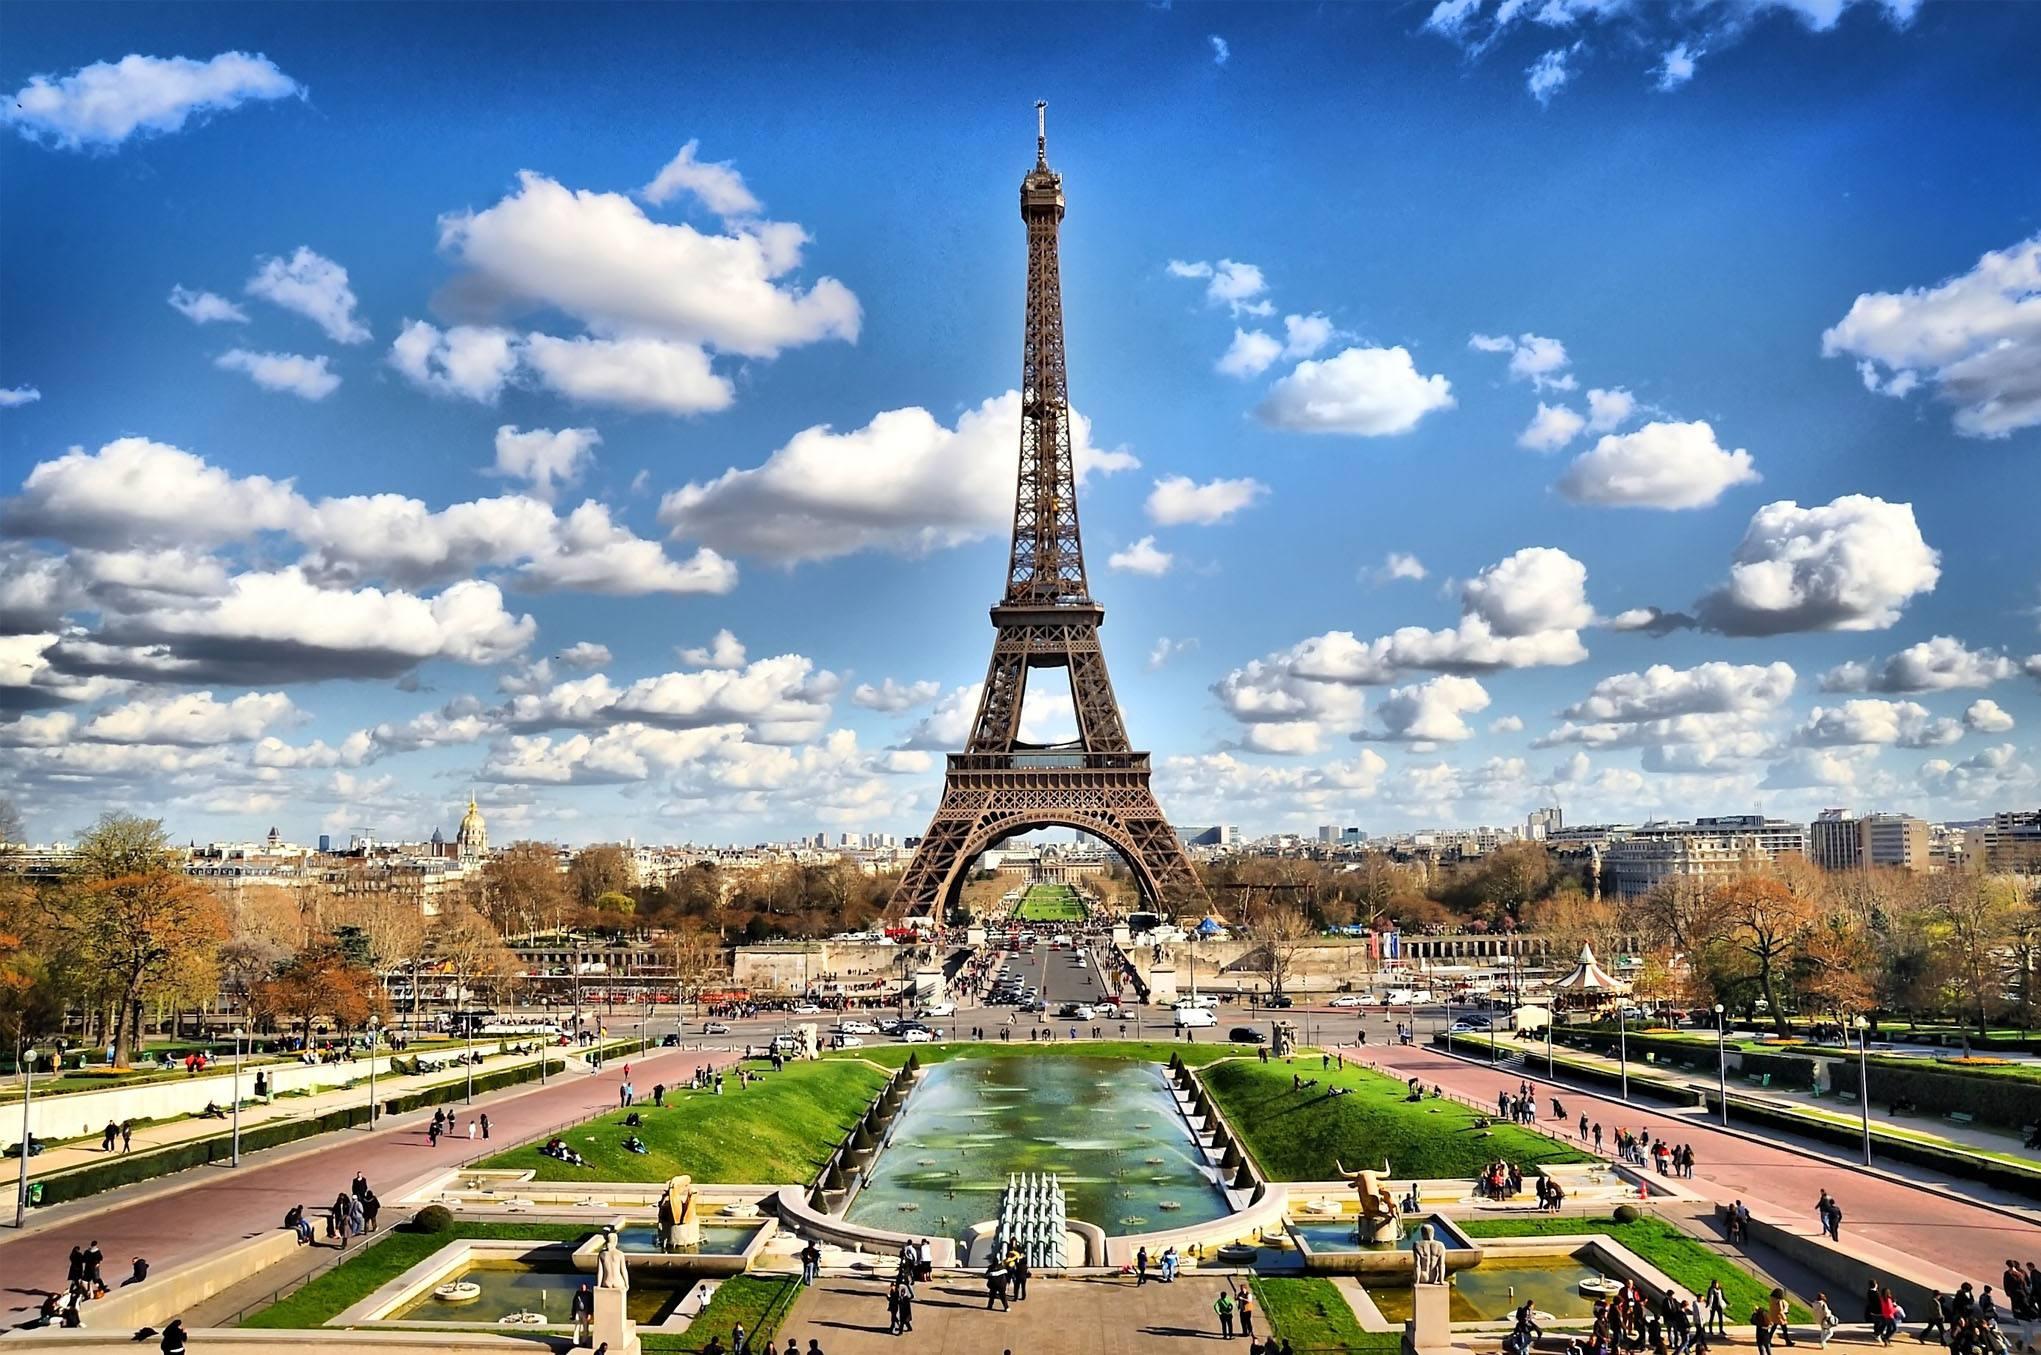 满足个性化需求,改善游客体验:法国、西班牙加大旅游业投资力度